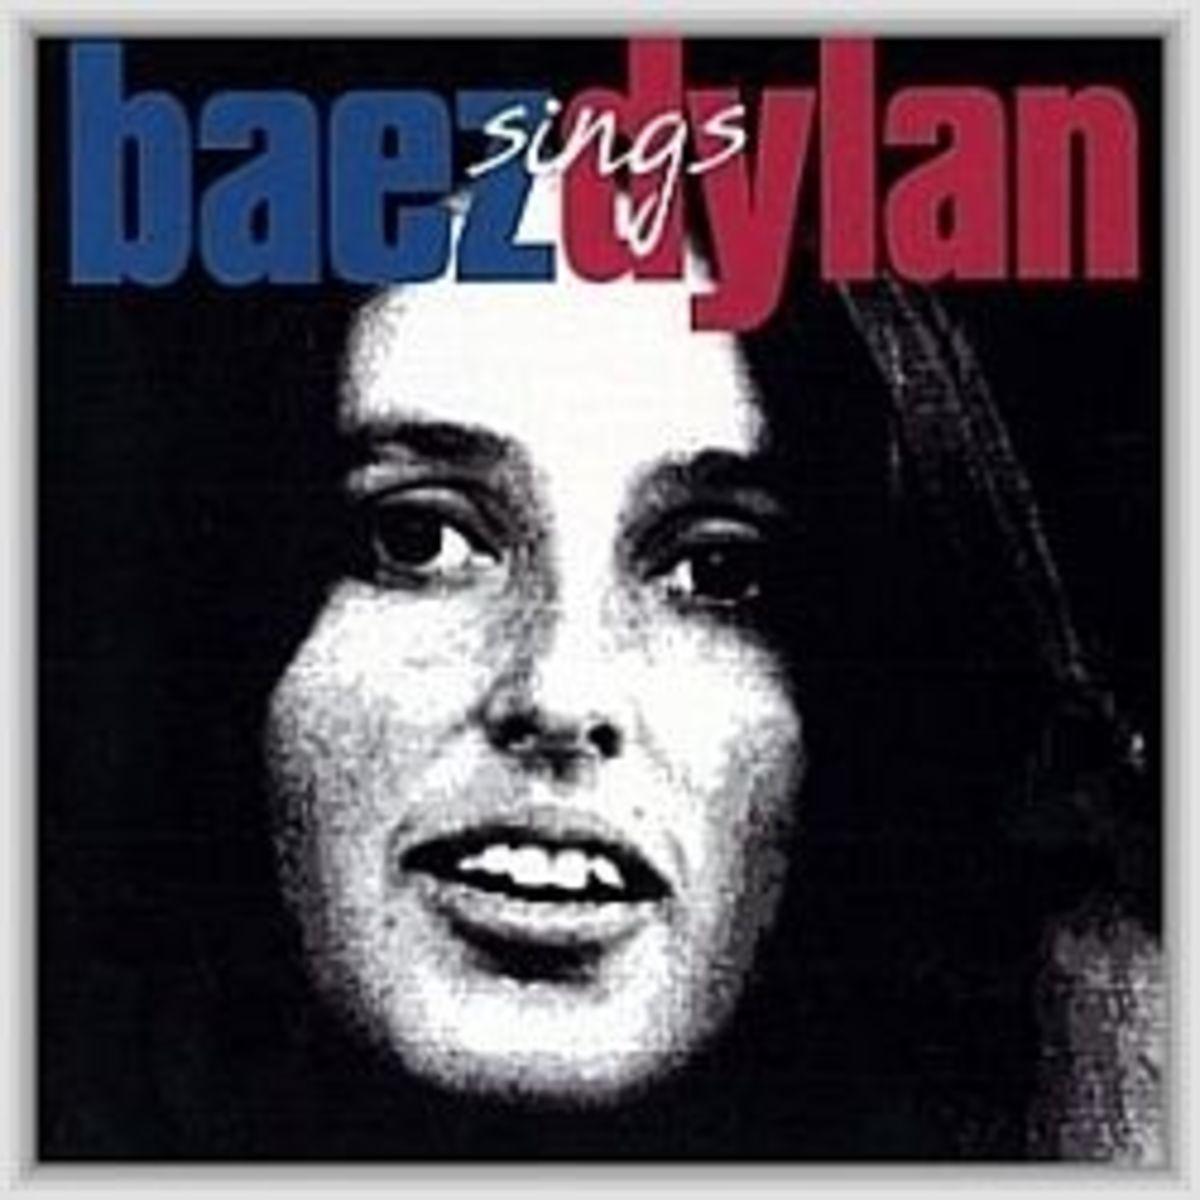 joan baez it ain't me babe dylan